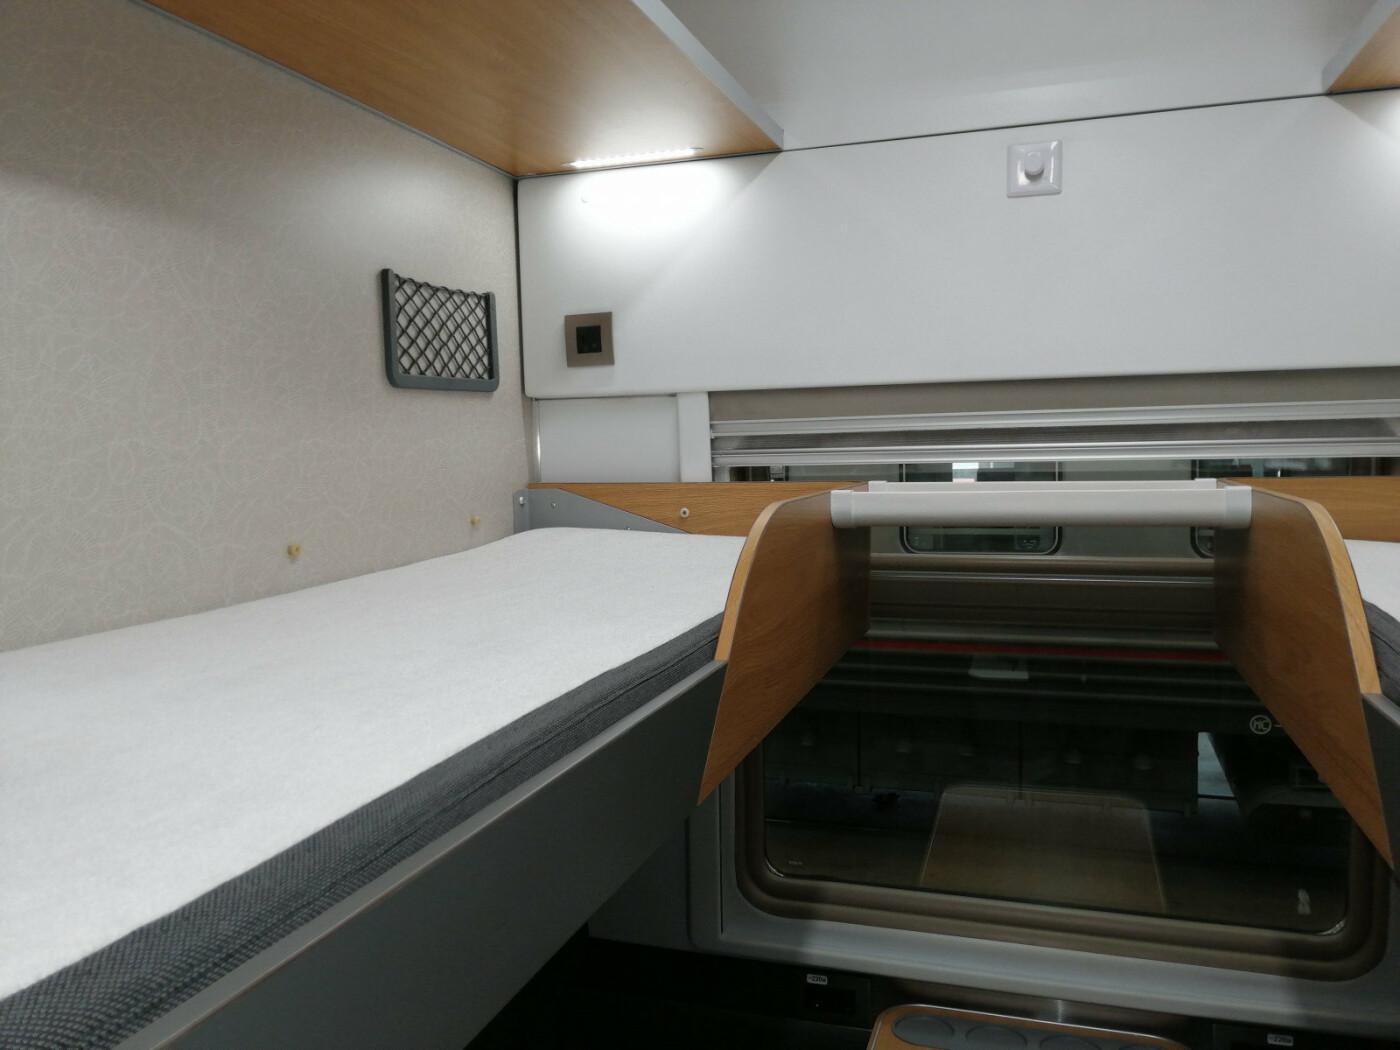 В Тамбове начнут серийное производство новых плацкартных вагонов, фото-4